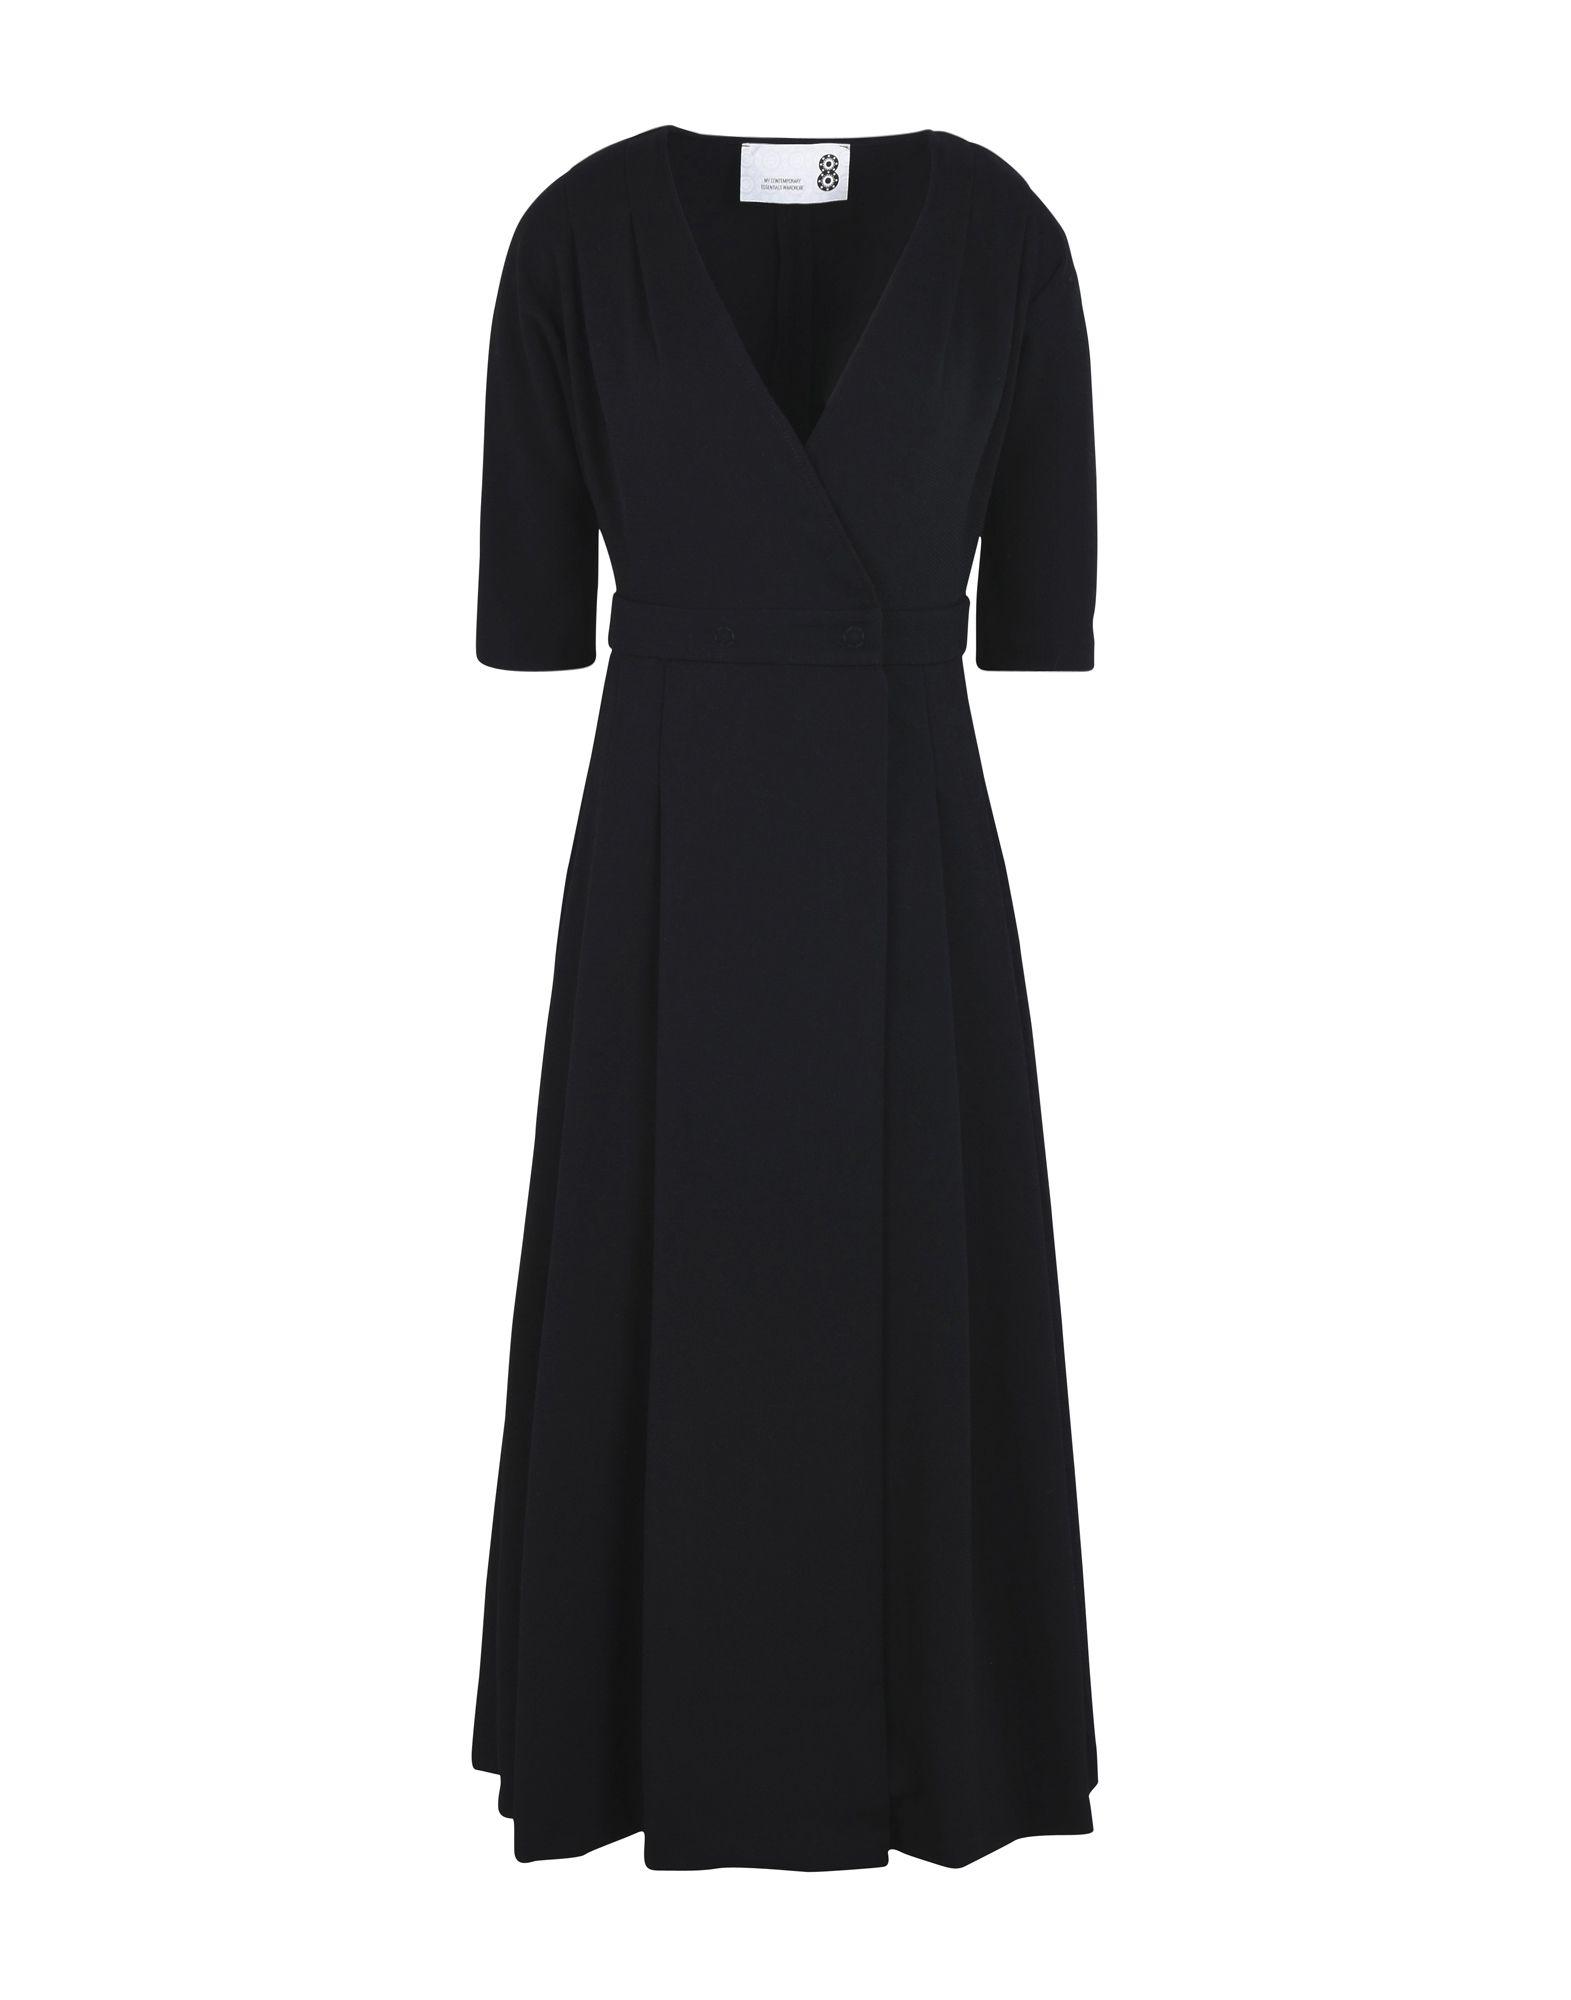 8 Платье длиной 3/4 lisa corti платье длиной 3 4